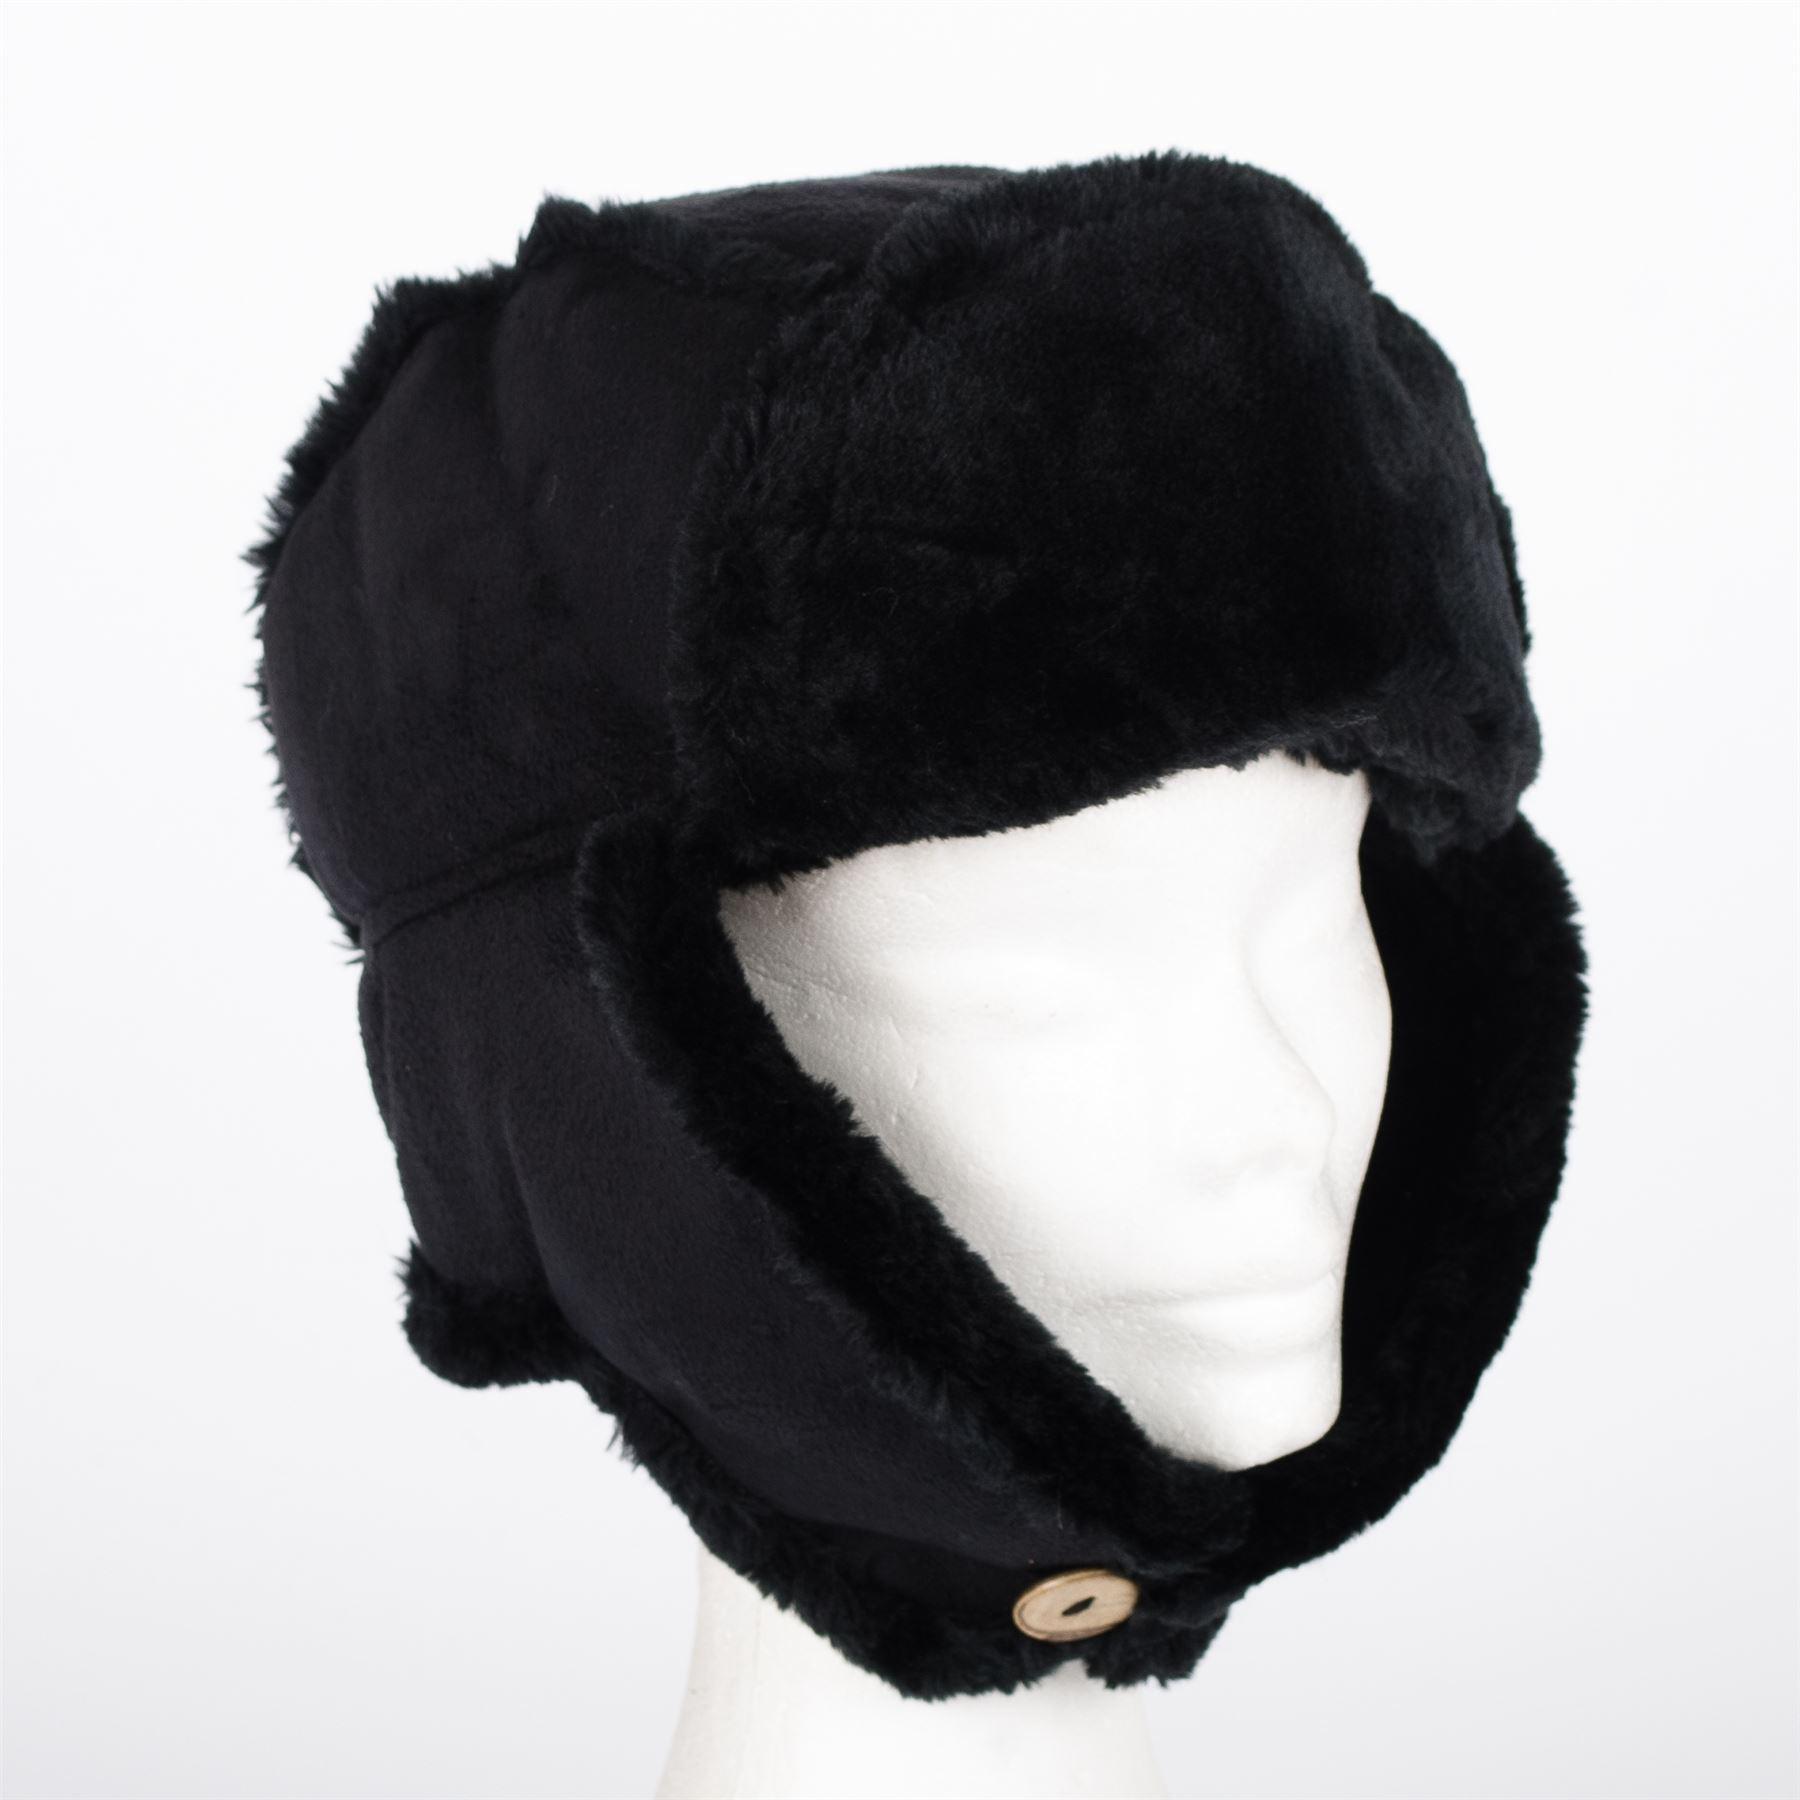 femmes chapeau russe trappeur aviateur en fourrure fausse peau de mouton daim ebay. Black Bedroom Furniture Sets. Home Design Ideas